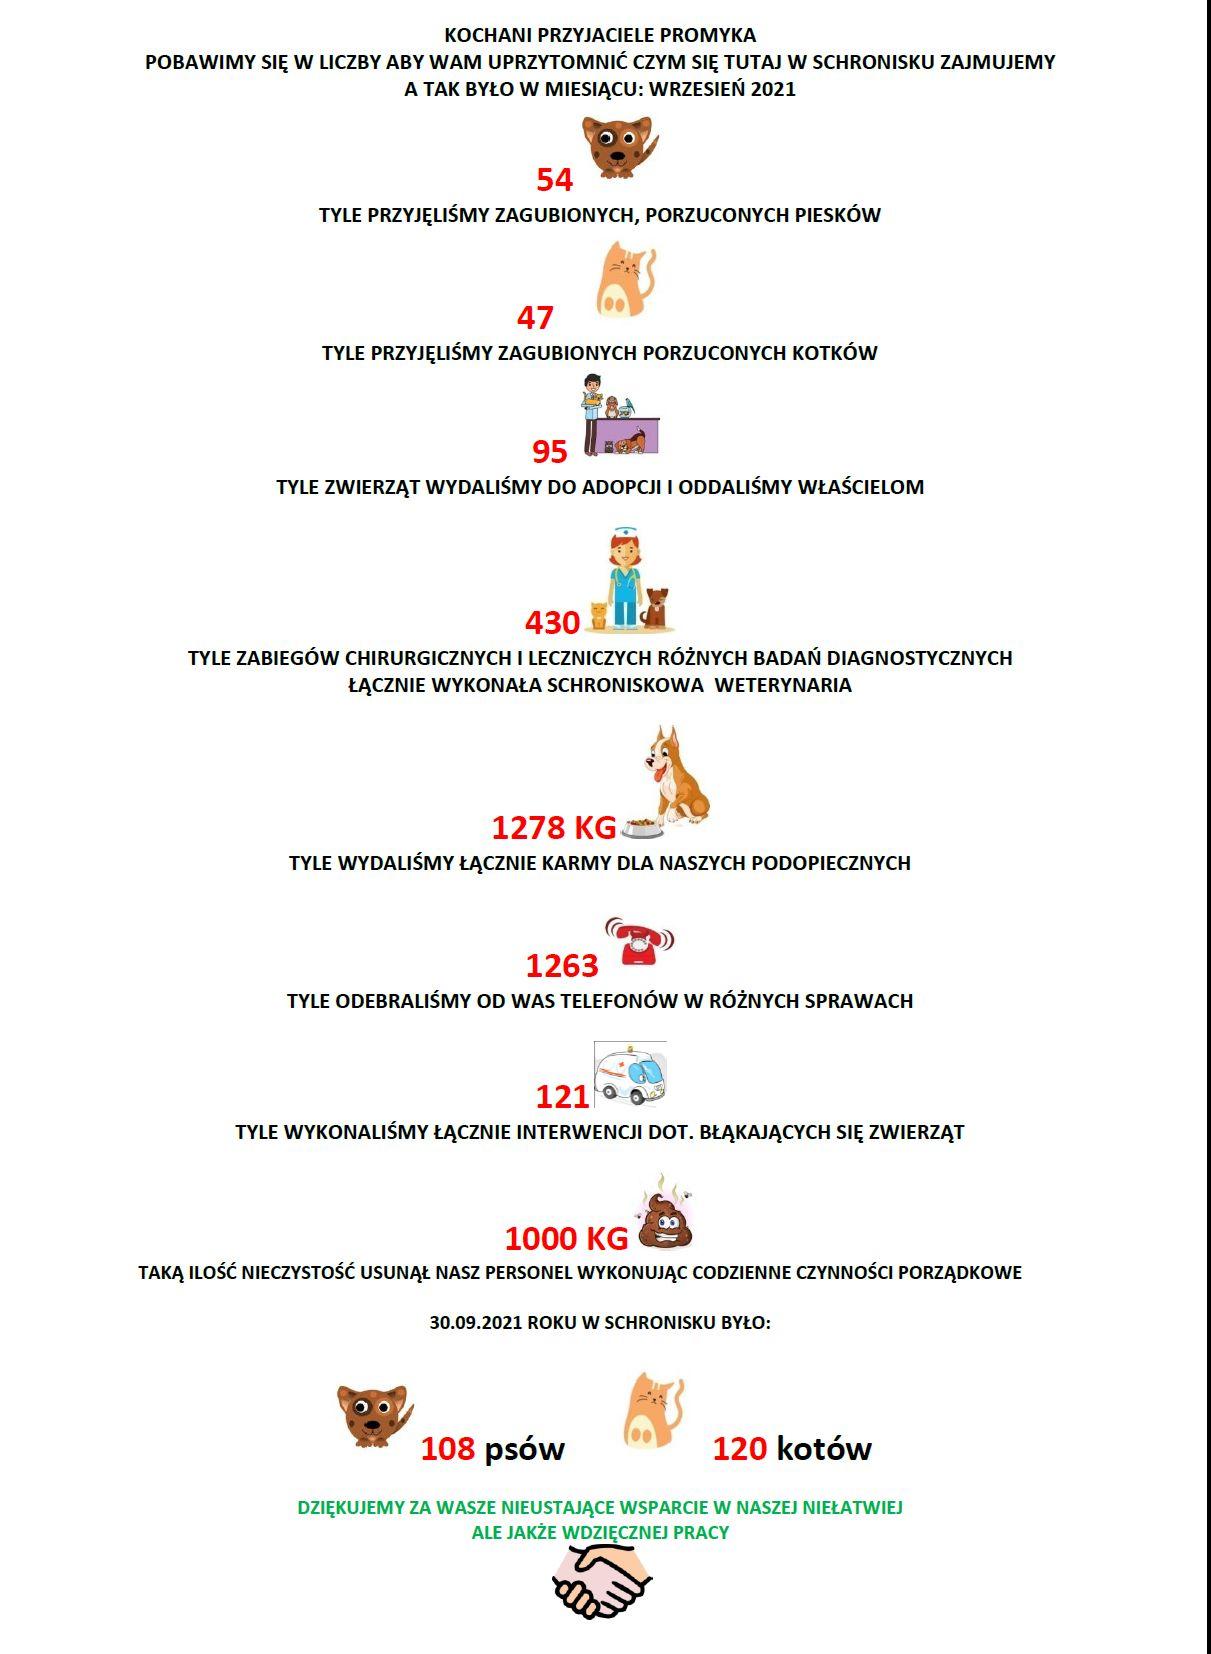 statystyki wrzesień